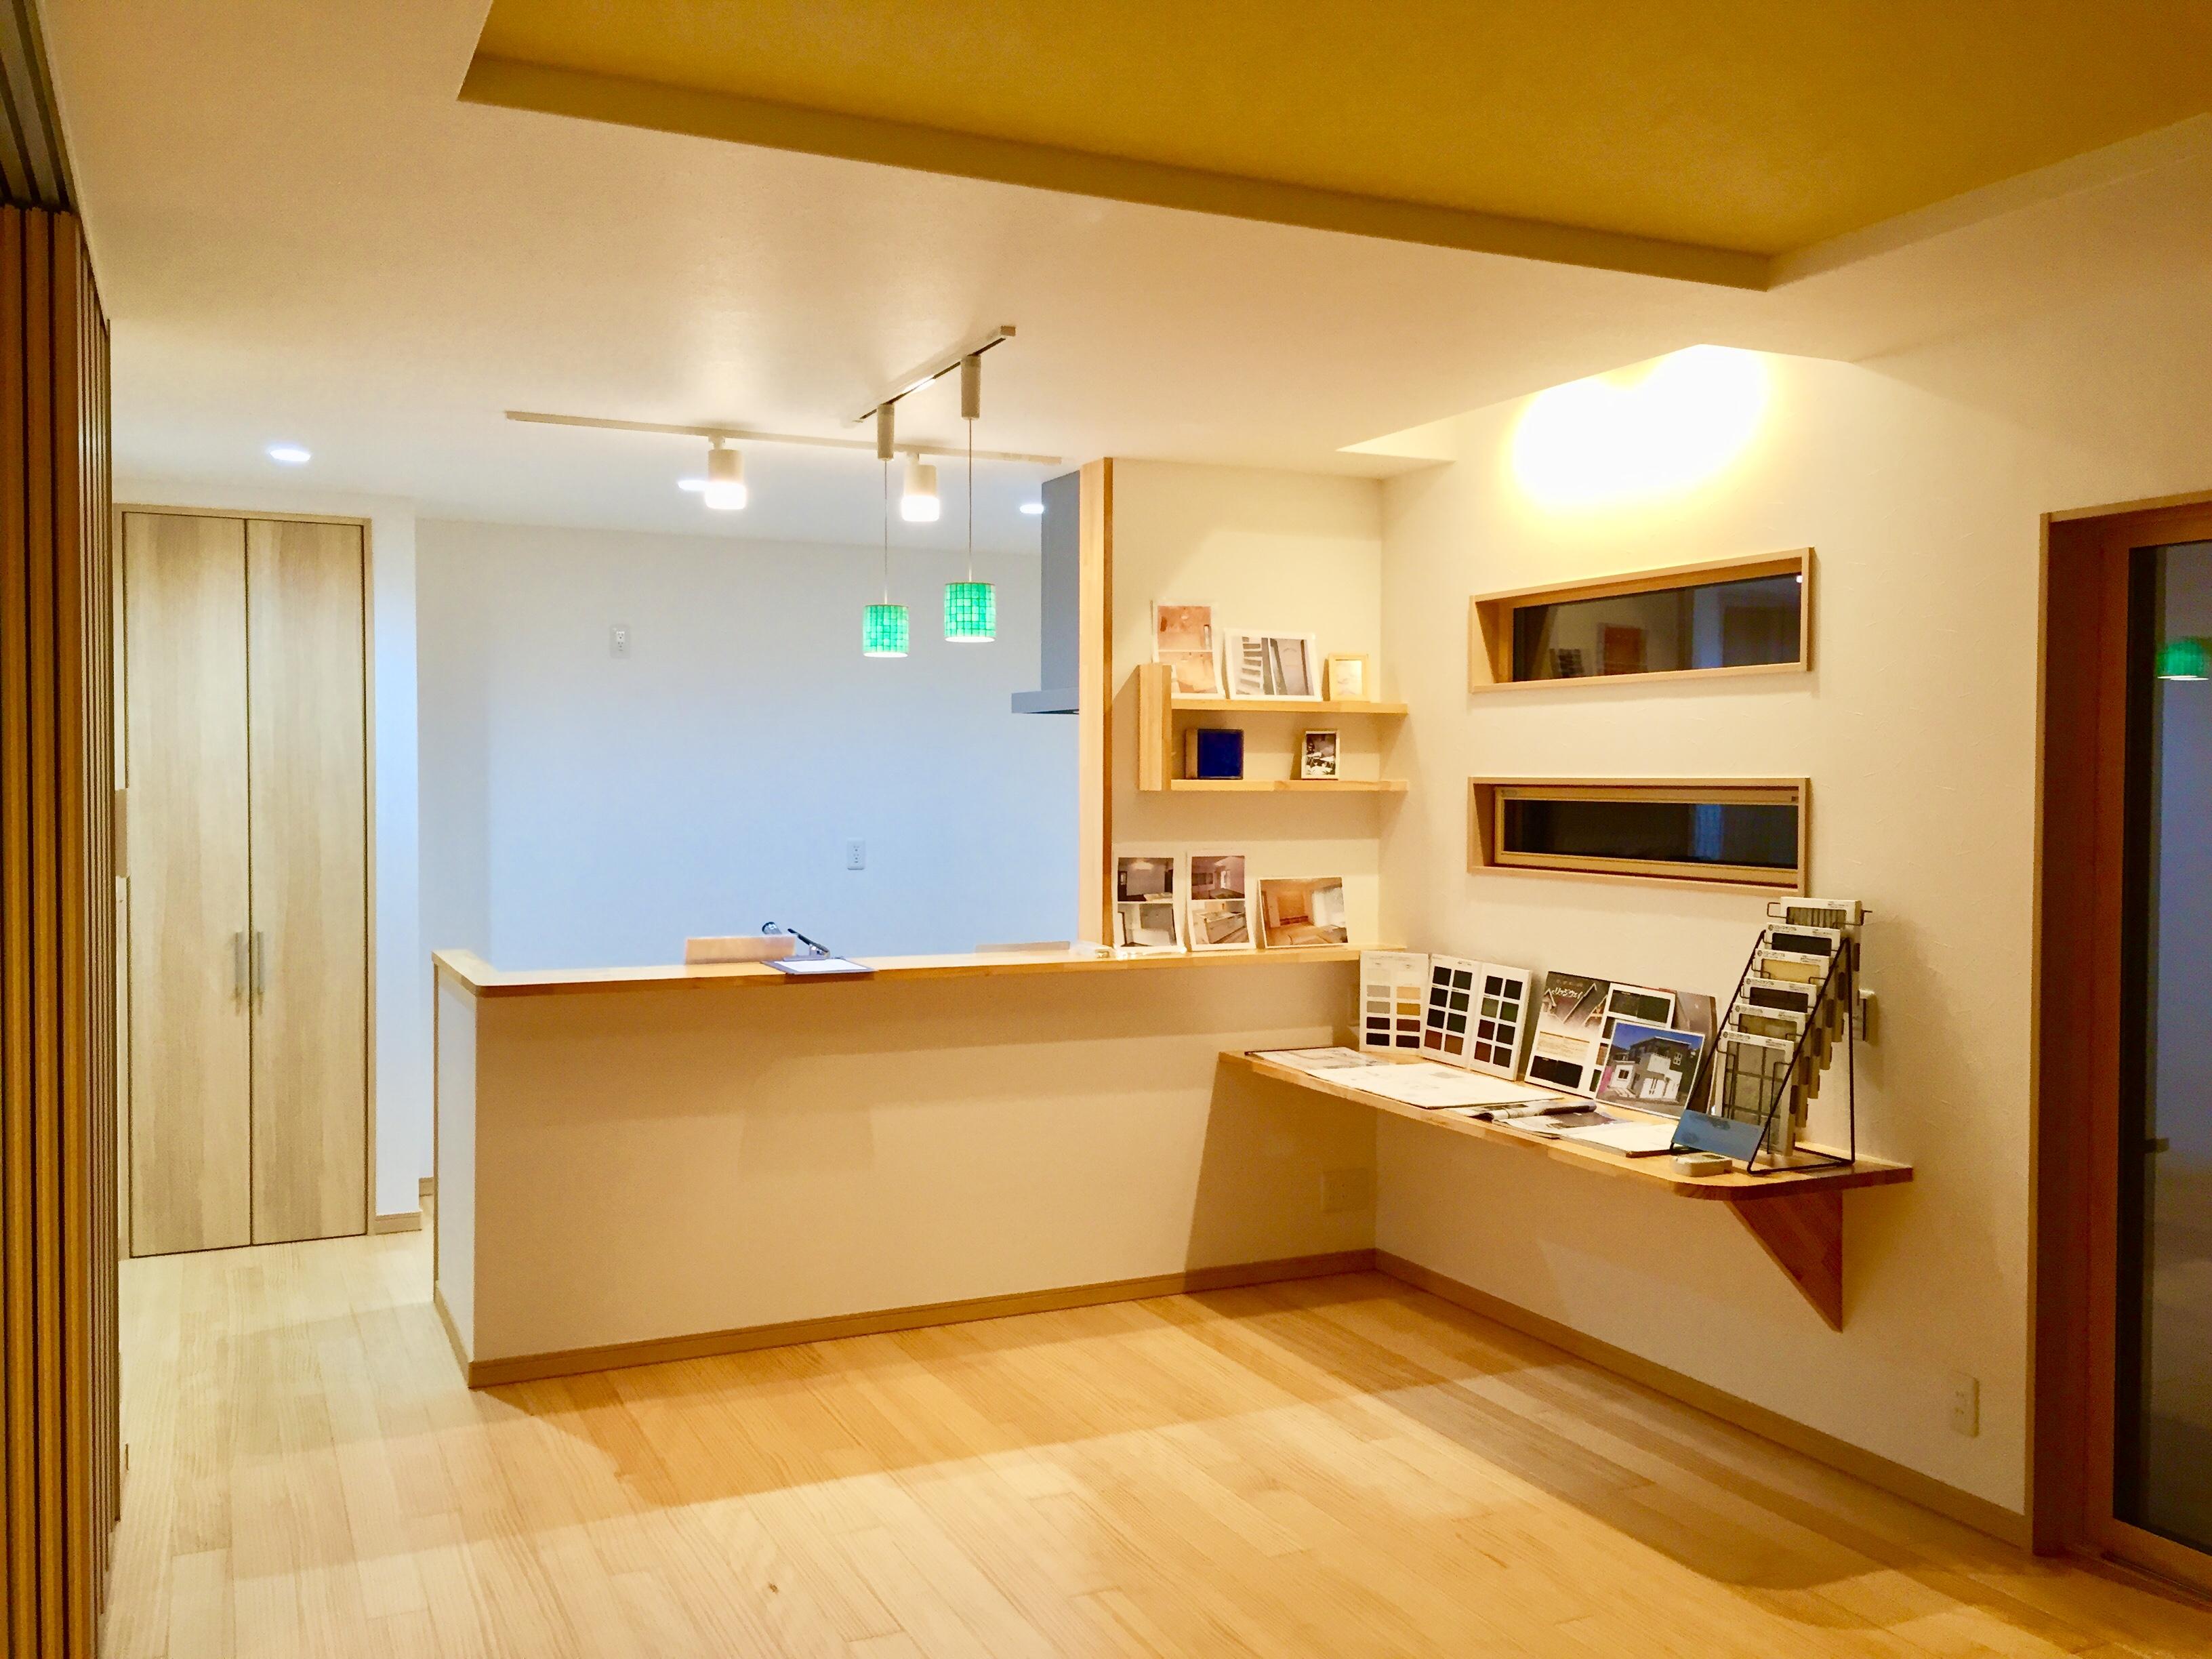 清和・光山常設モデルハウス見学会&住宅相談会開催中! 住まいづくりのこと、なんでもご相談ください。